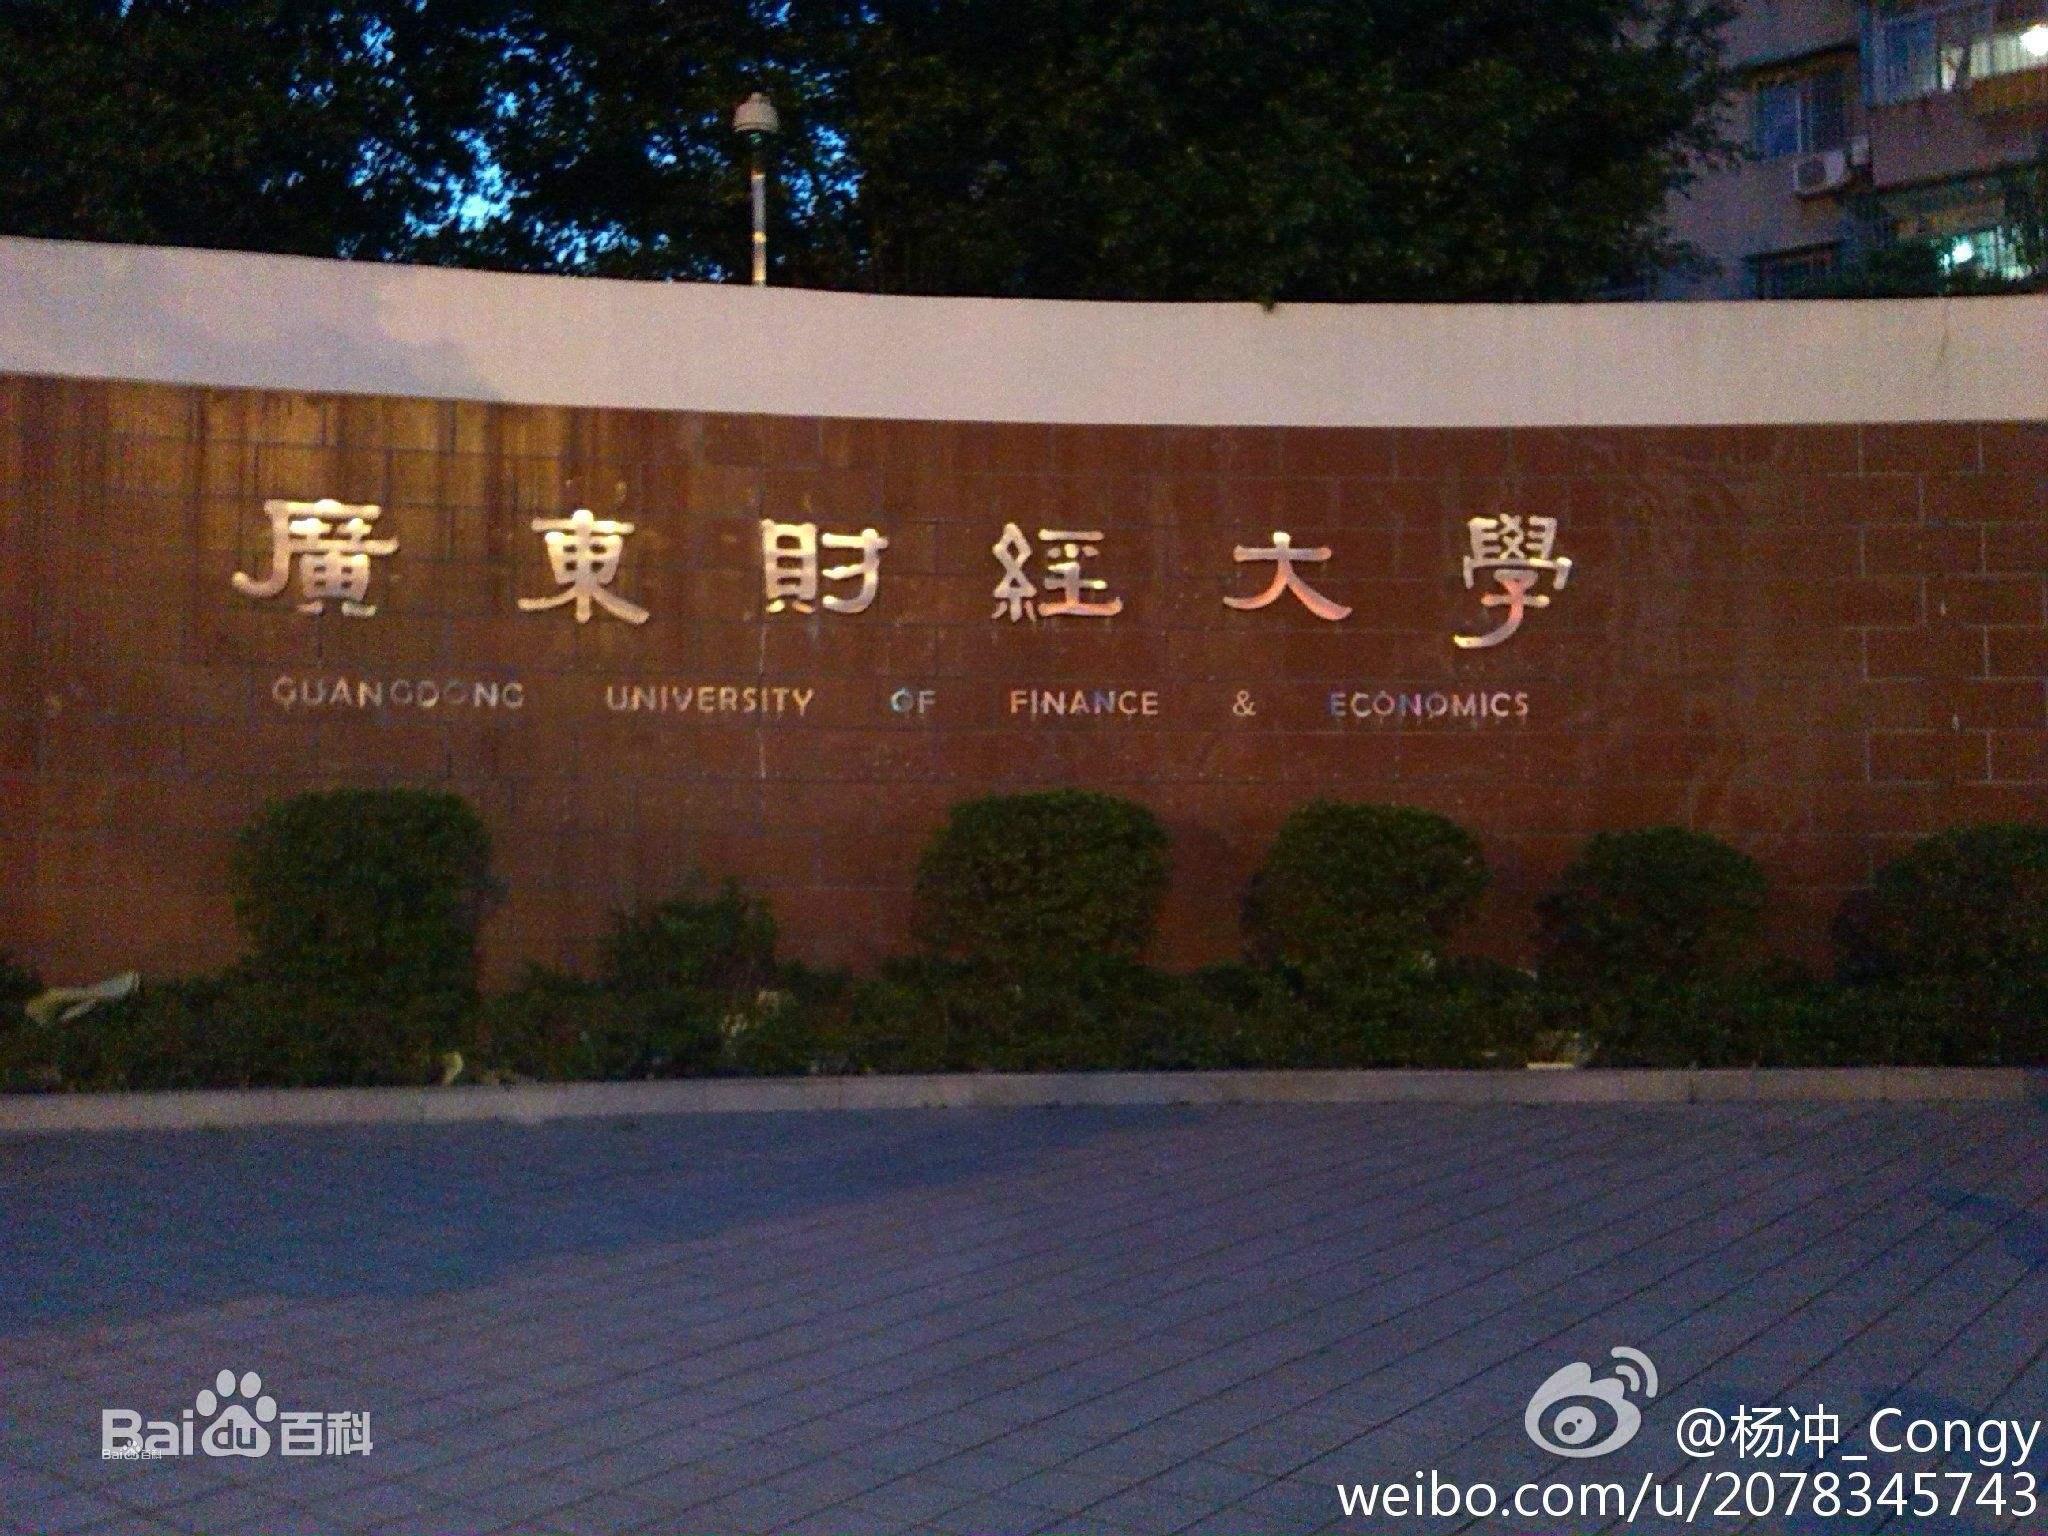 广东财经大学2018年MBA招生简章